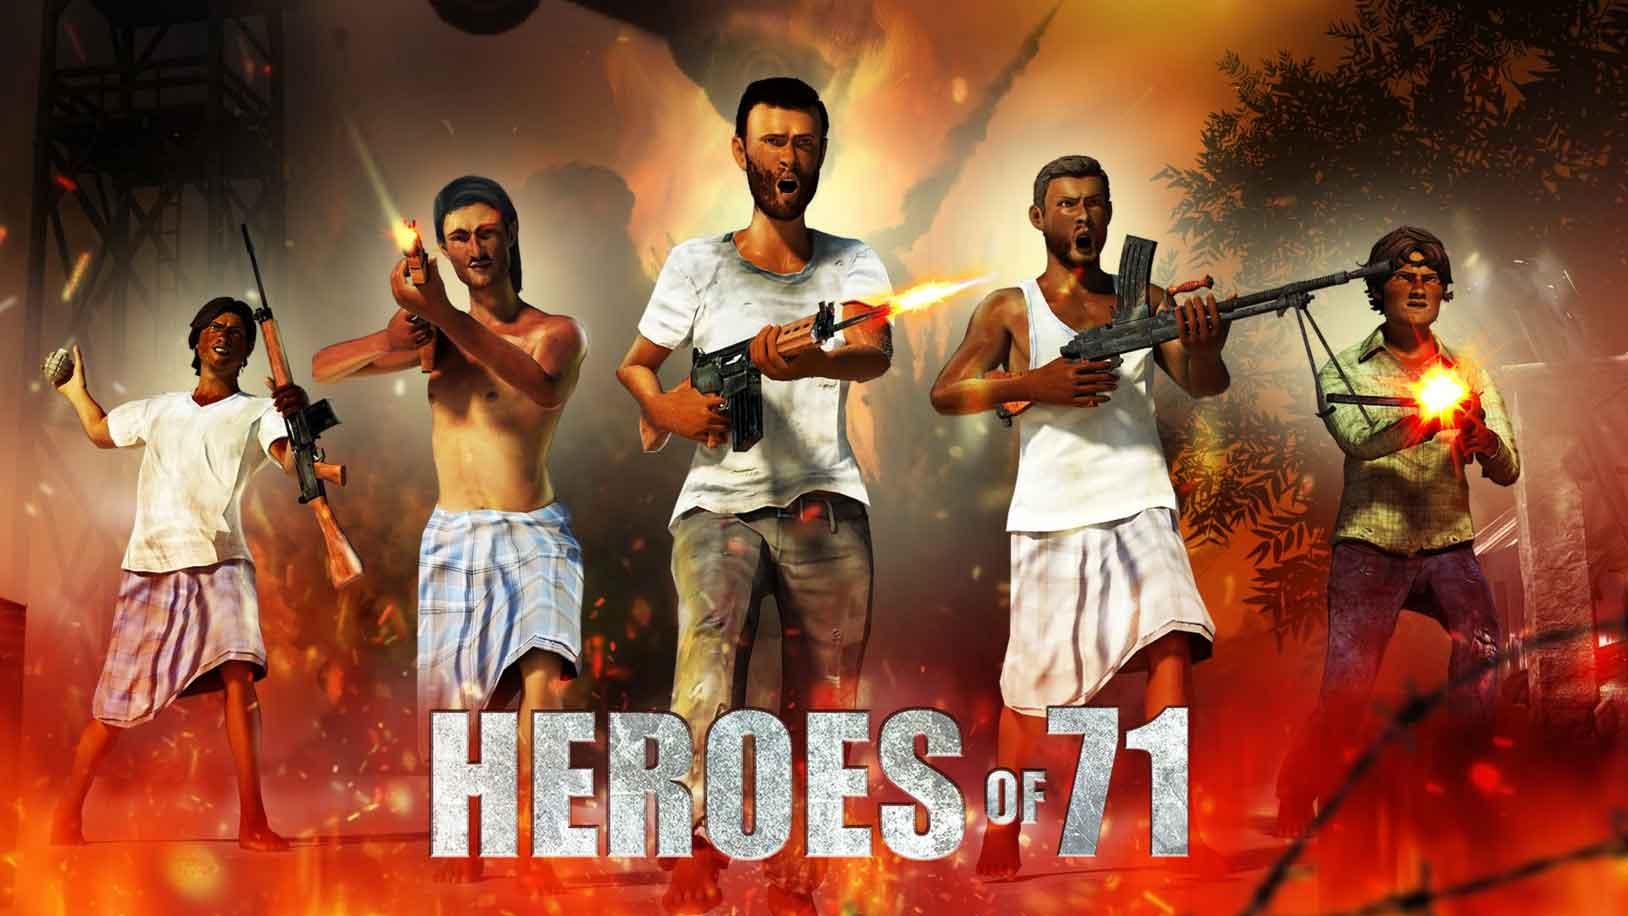 Heroes of 71